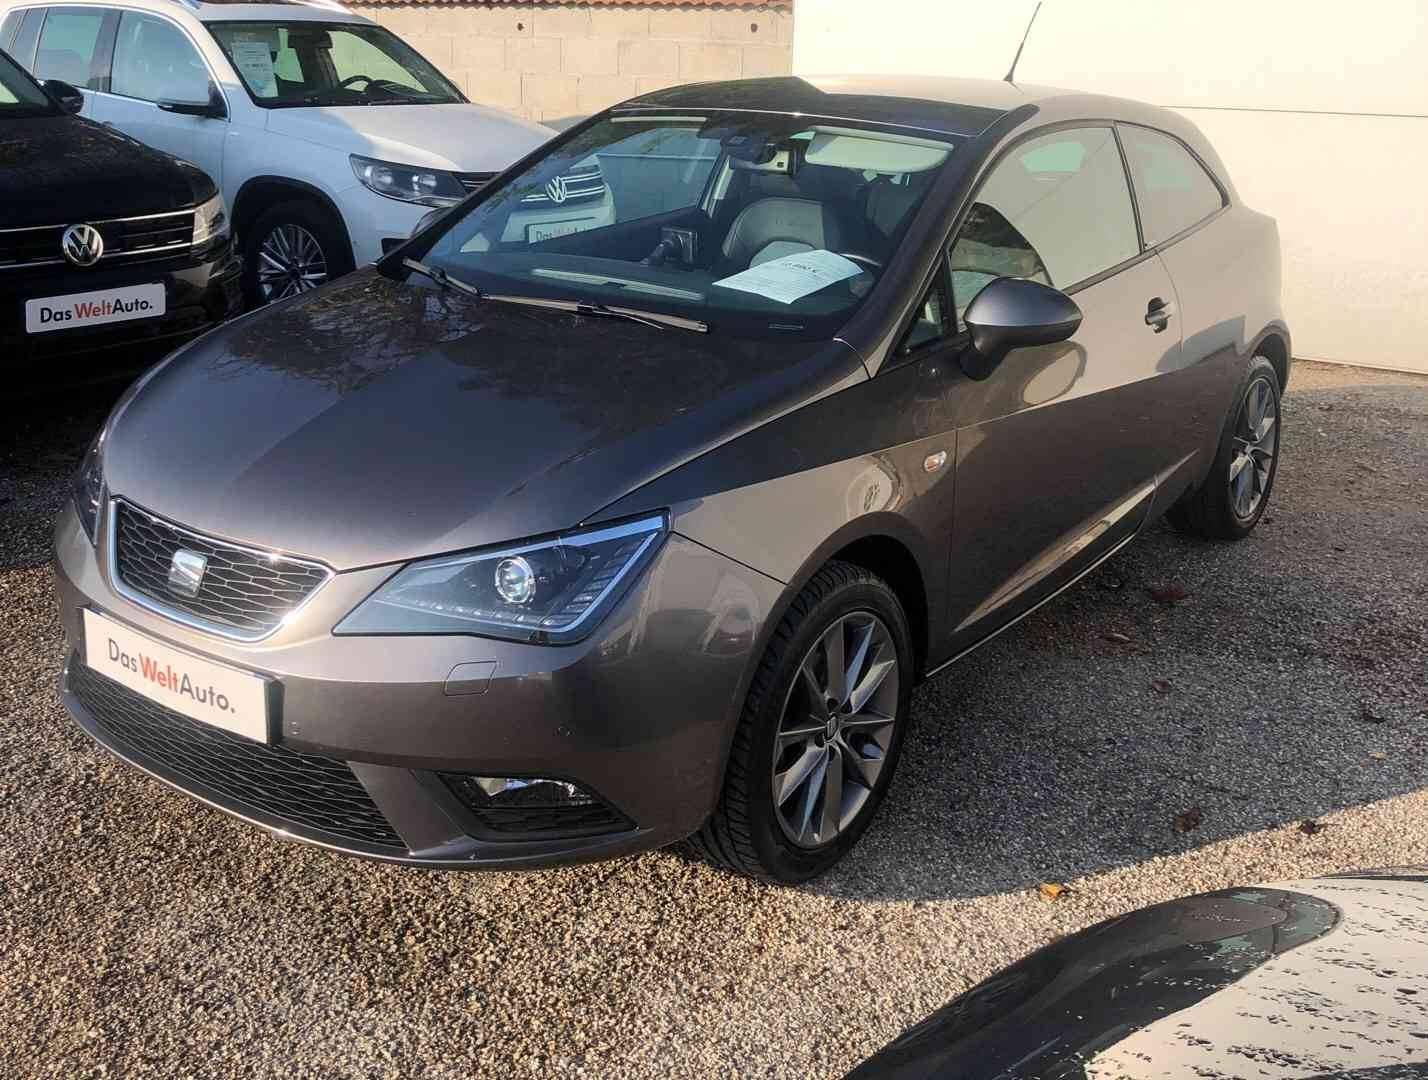 2 - Ibiza SC 1.6 TDI 90 ch CR